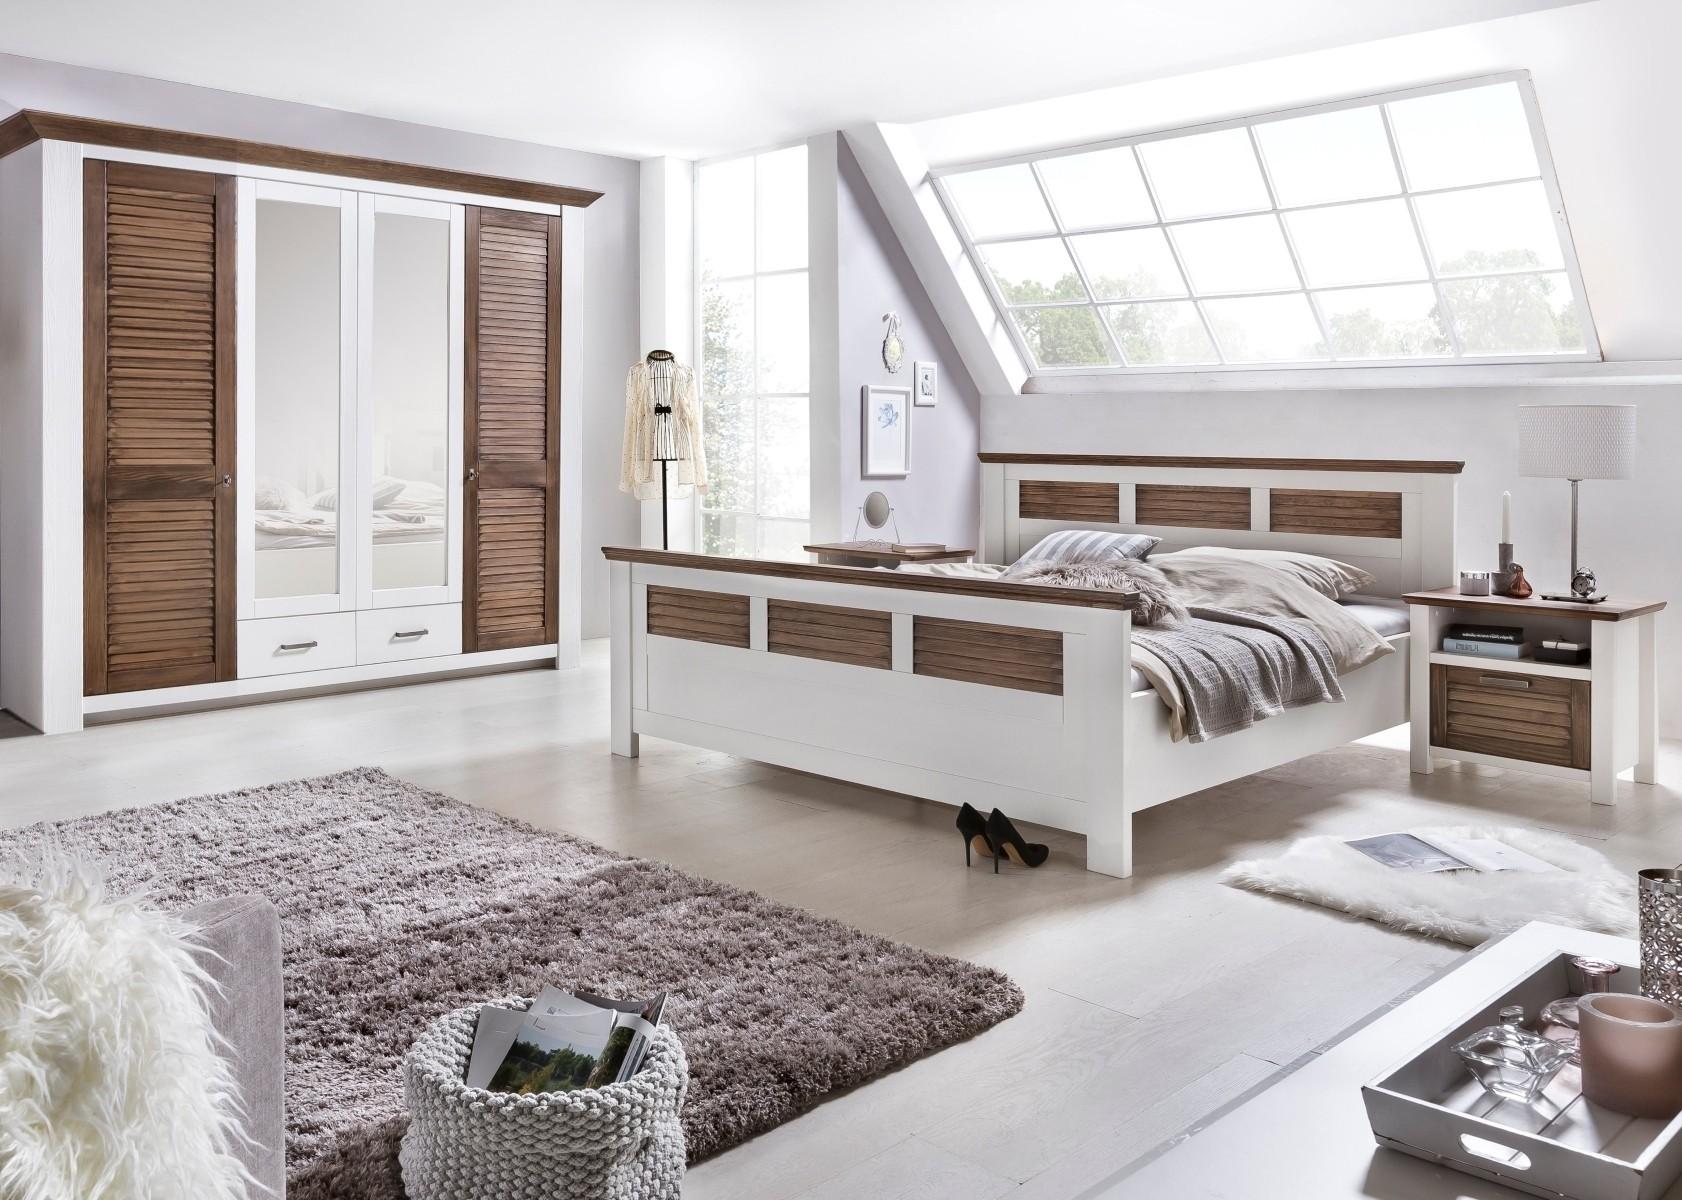 Schlafzimmer Set mit Bett 160x200 + Schrank 235cm + 2x Nachttische Pinie La günstig online kaufen